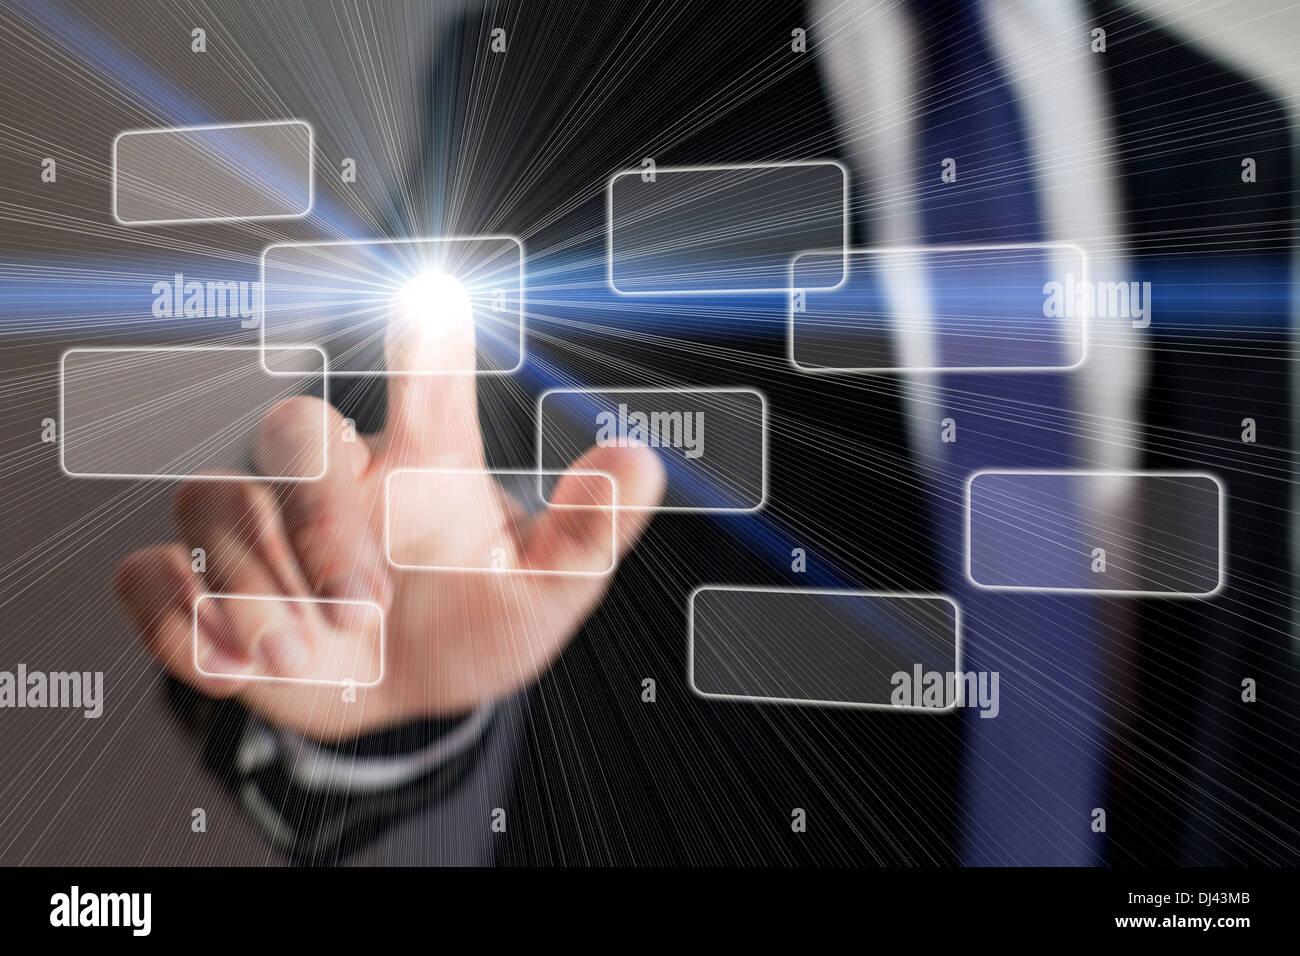 nuova tecnologia Immagini Stock